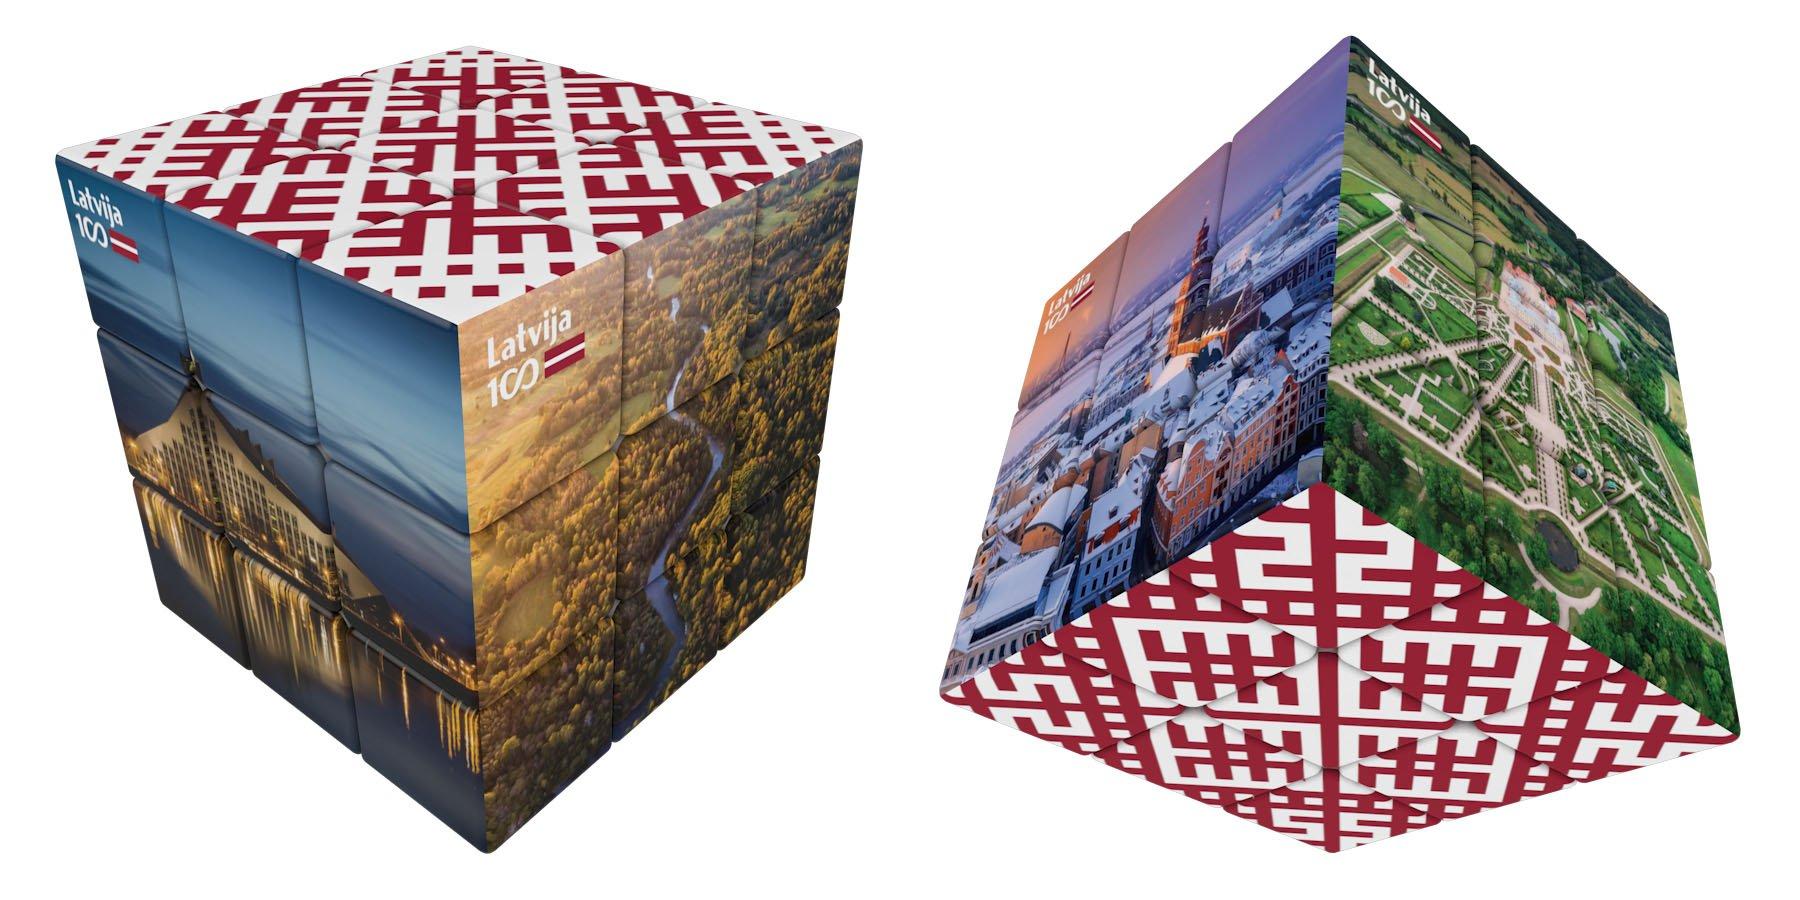 V-Cube LV100